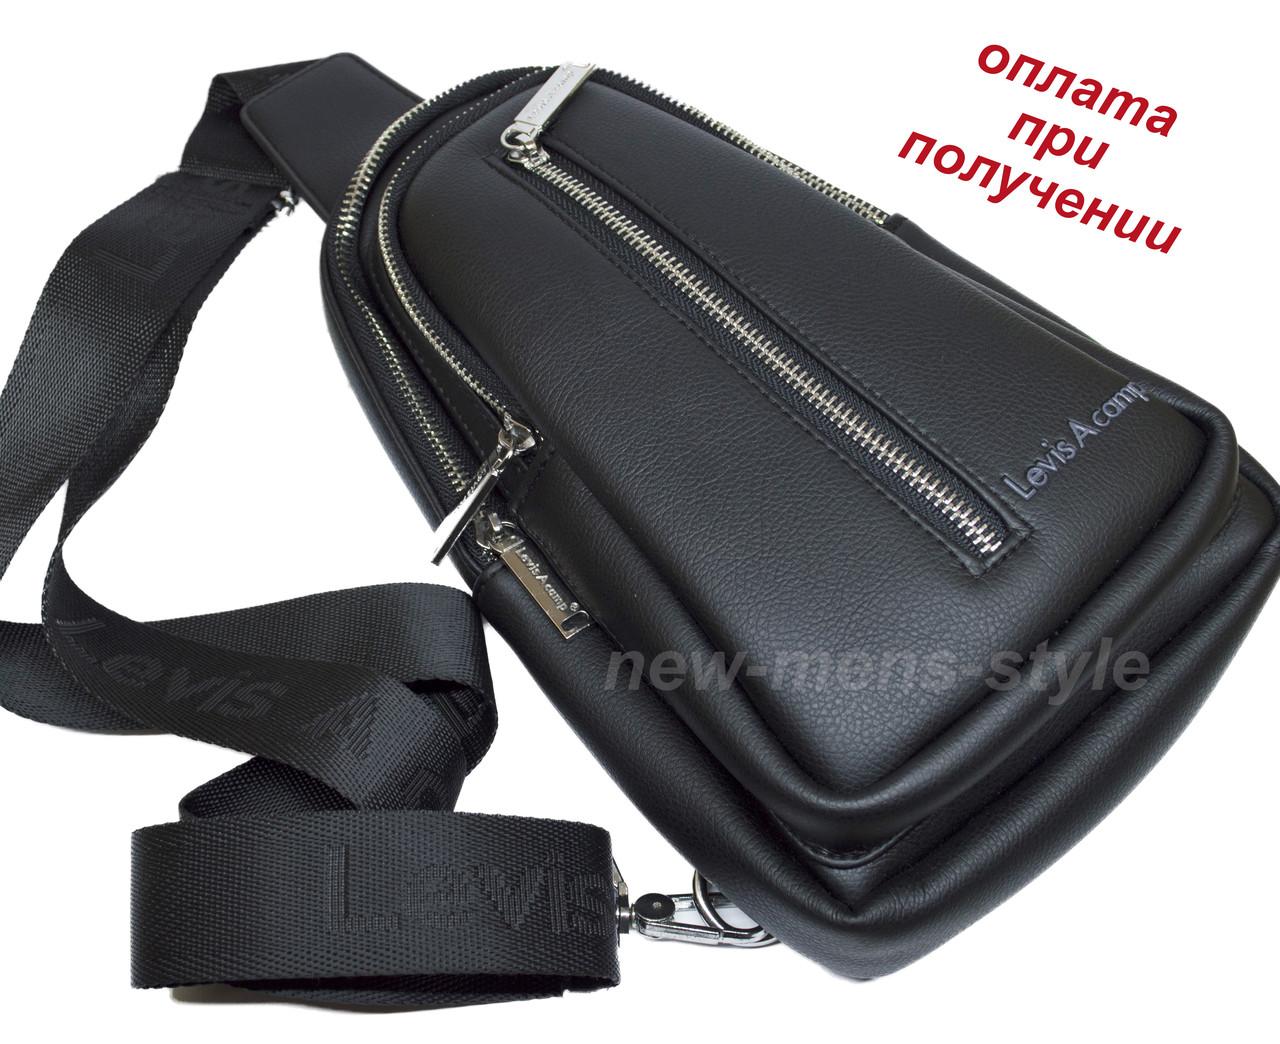 d263f9c7c607 Мужская спортивная кожаная сумка слинг рюкзак бананка через плечо Levis  Acamp